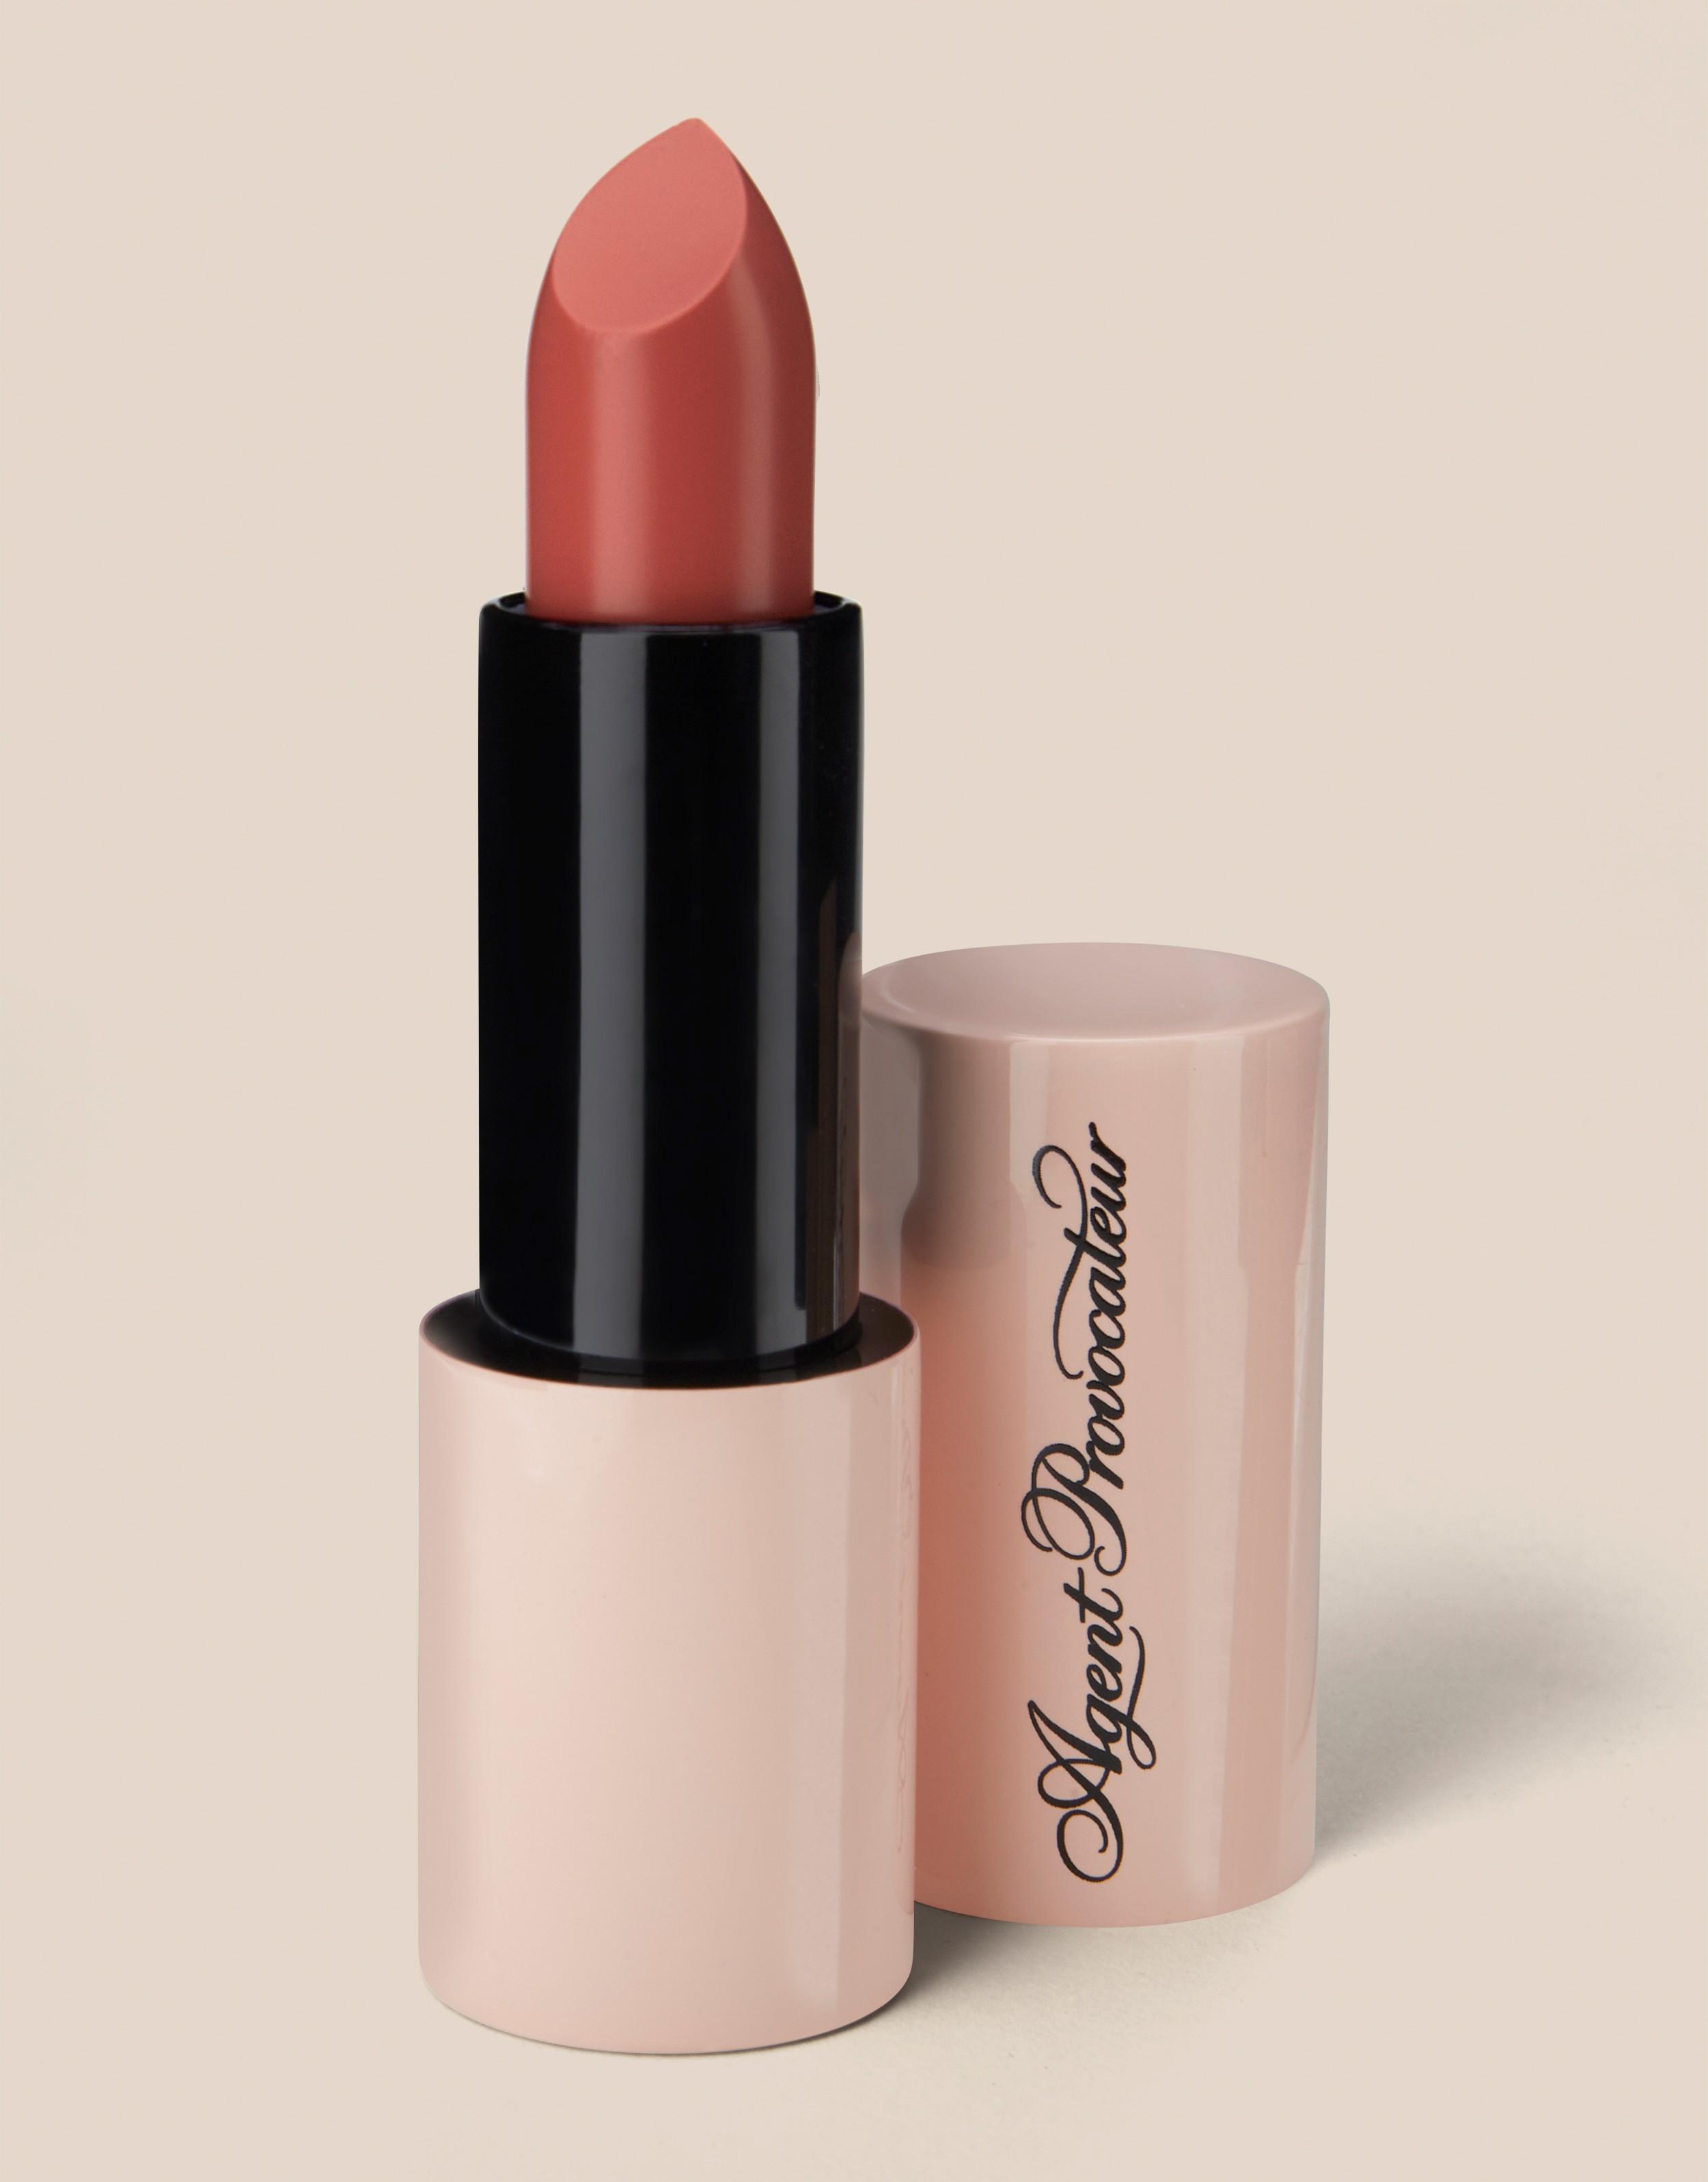 Agent Provocateur Lacy Luminous Lipstick